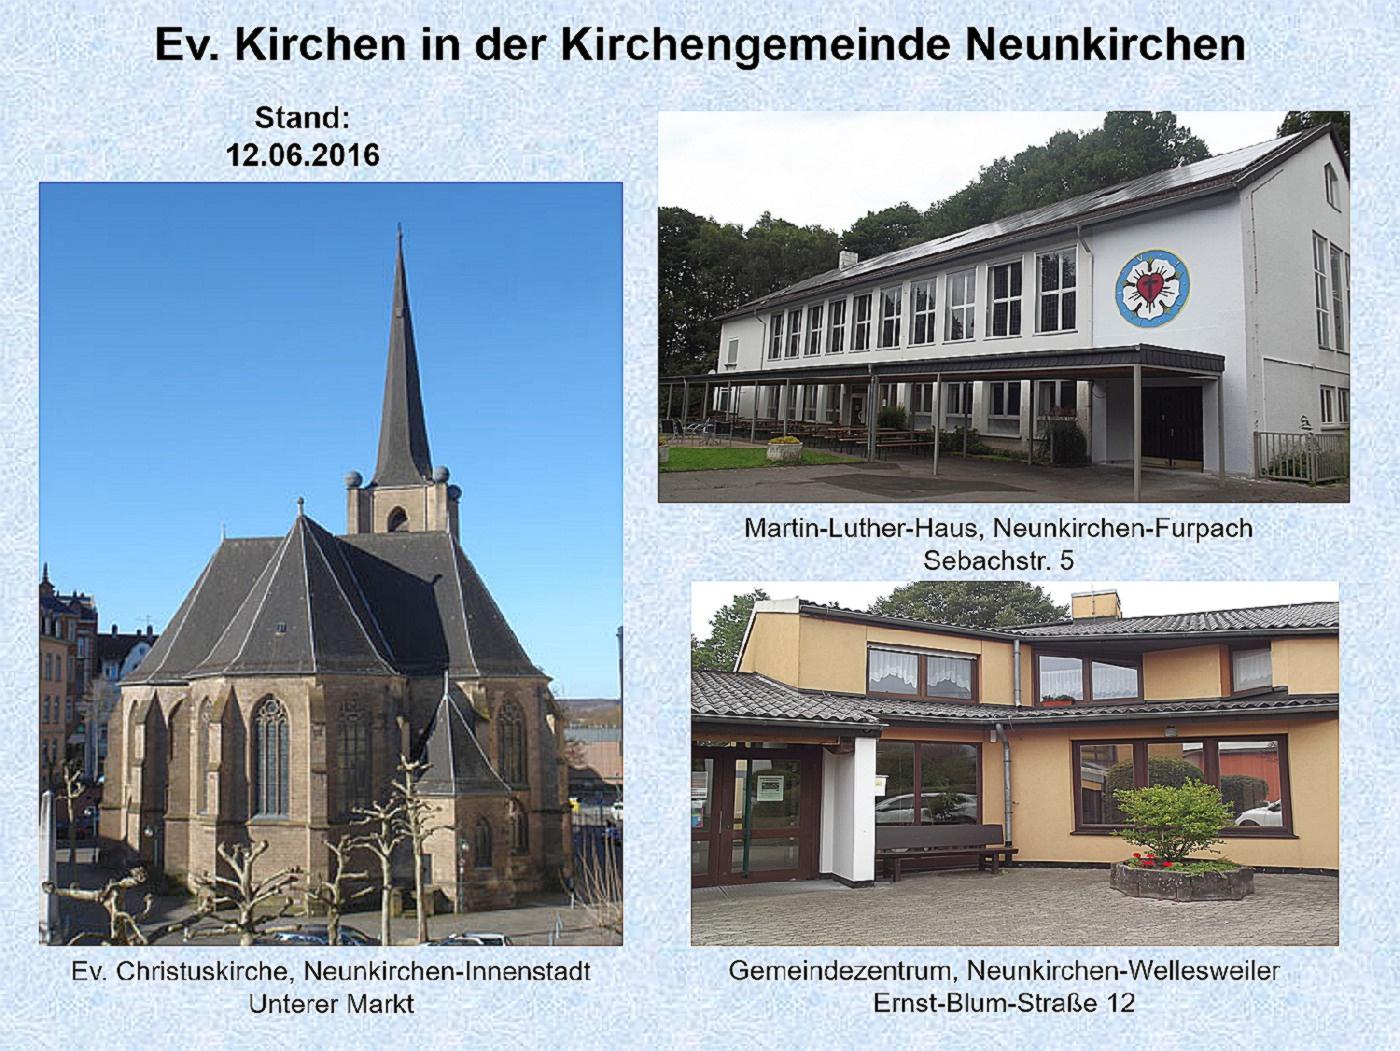 Christuskirche, Martin-Luther-Haus in Furpach und im Gemeindezentrum Wellesweiler (Fotos: H. - J. Strack)